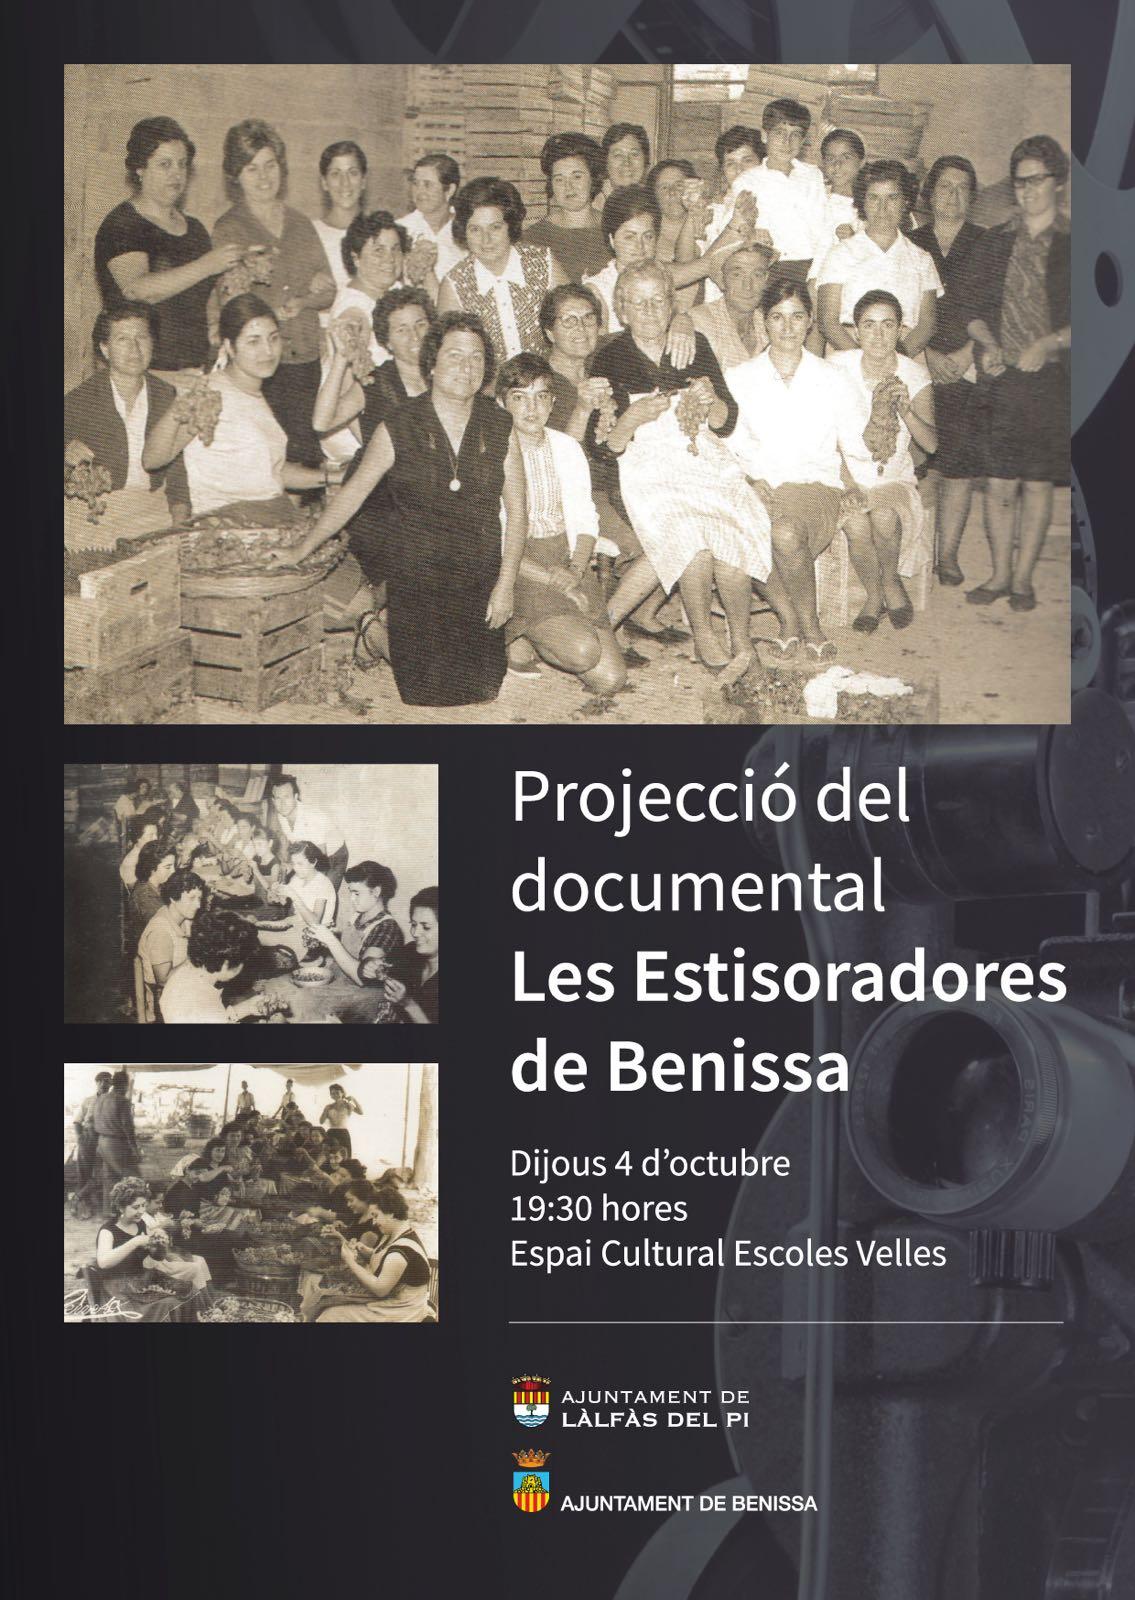 Arrancan los actos del 9 d'octubre con la proyección del documental 'Les Estisoradores de Benissa'